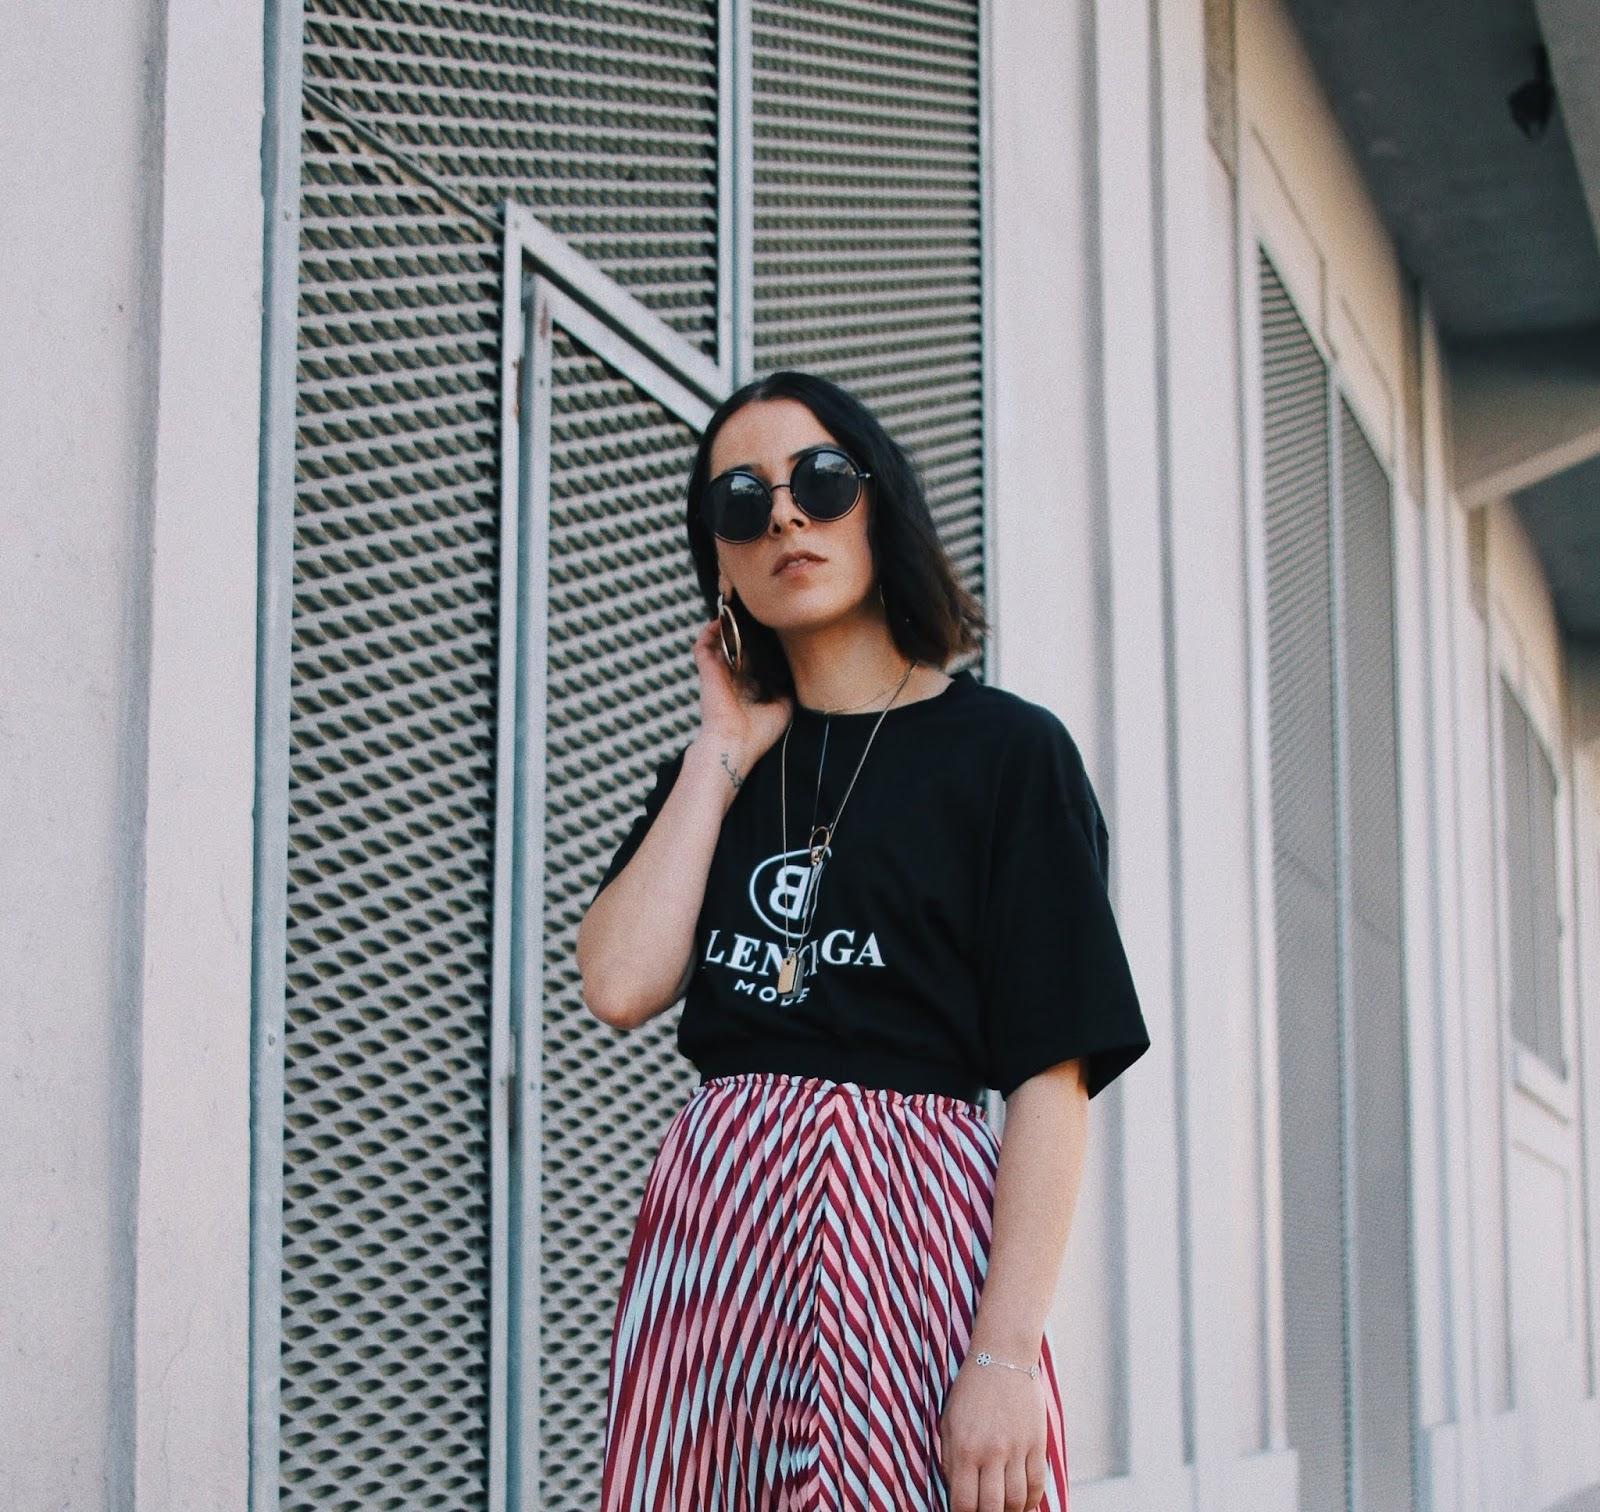 idée de look printemps/été 2018, rayures, ros